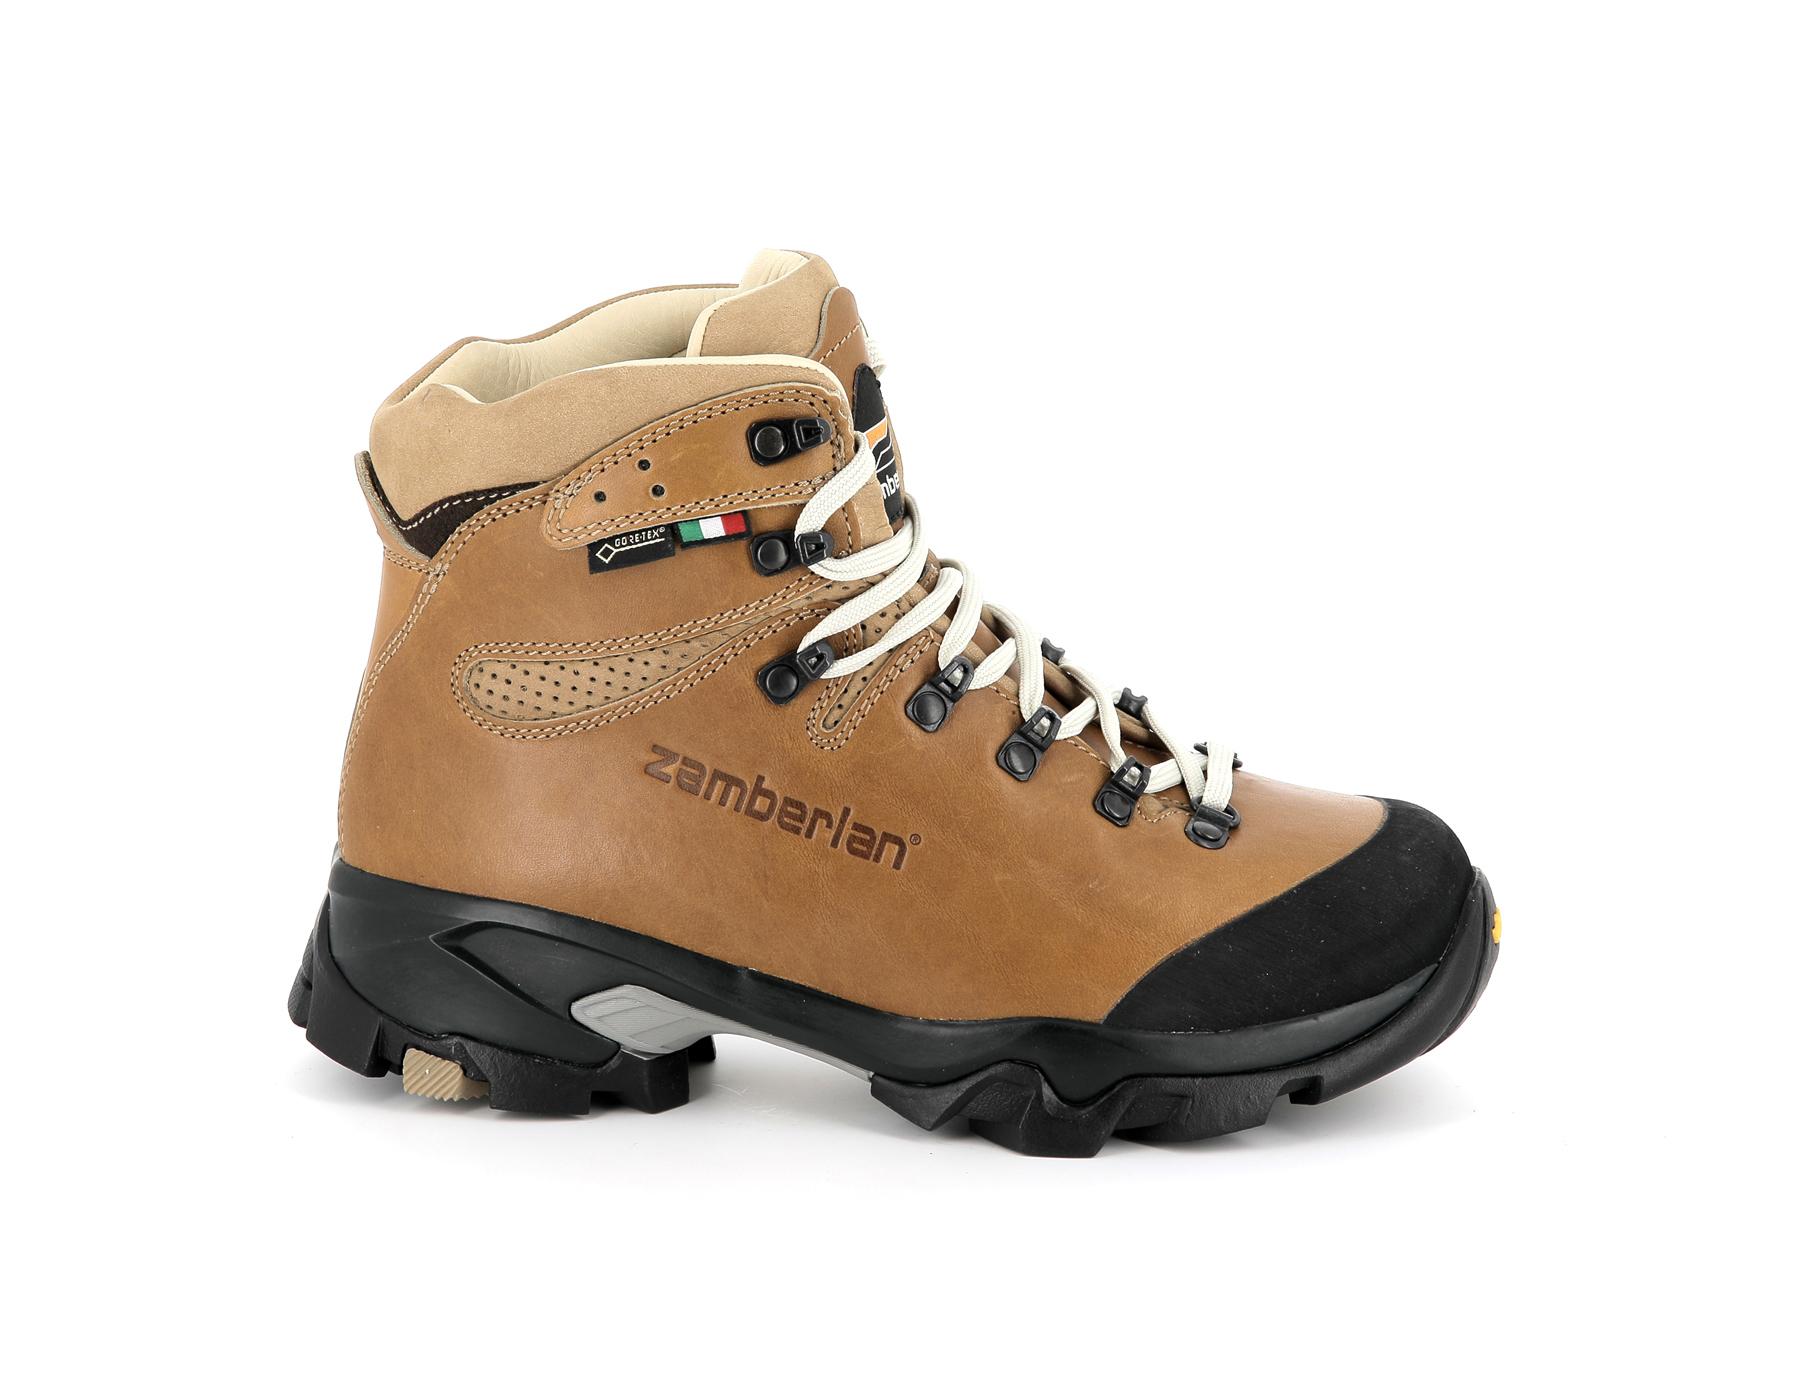 f7c6f9f7592 Zamberlan Vioz Lux Gore-Tex Boots - Women's   MEC